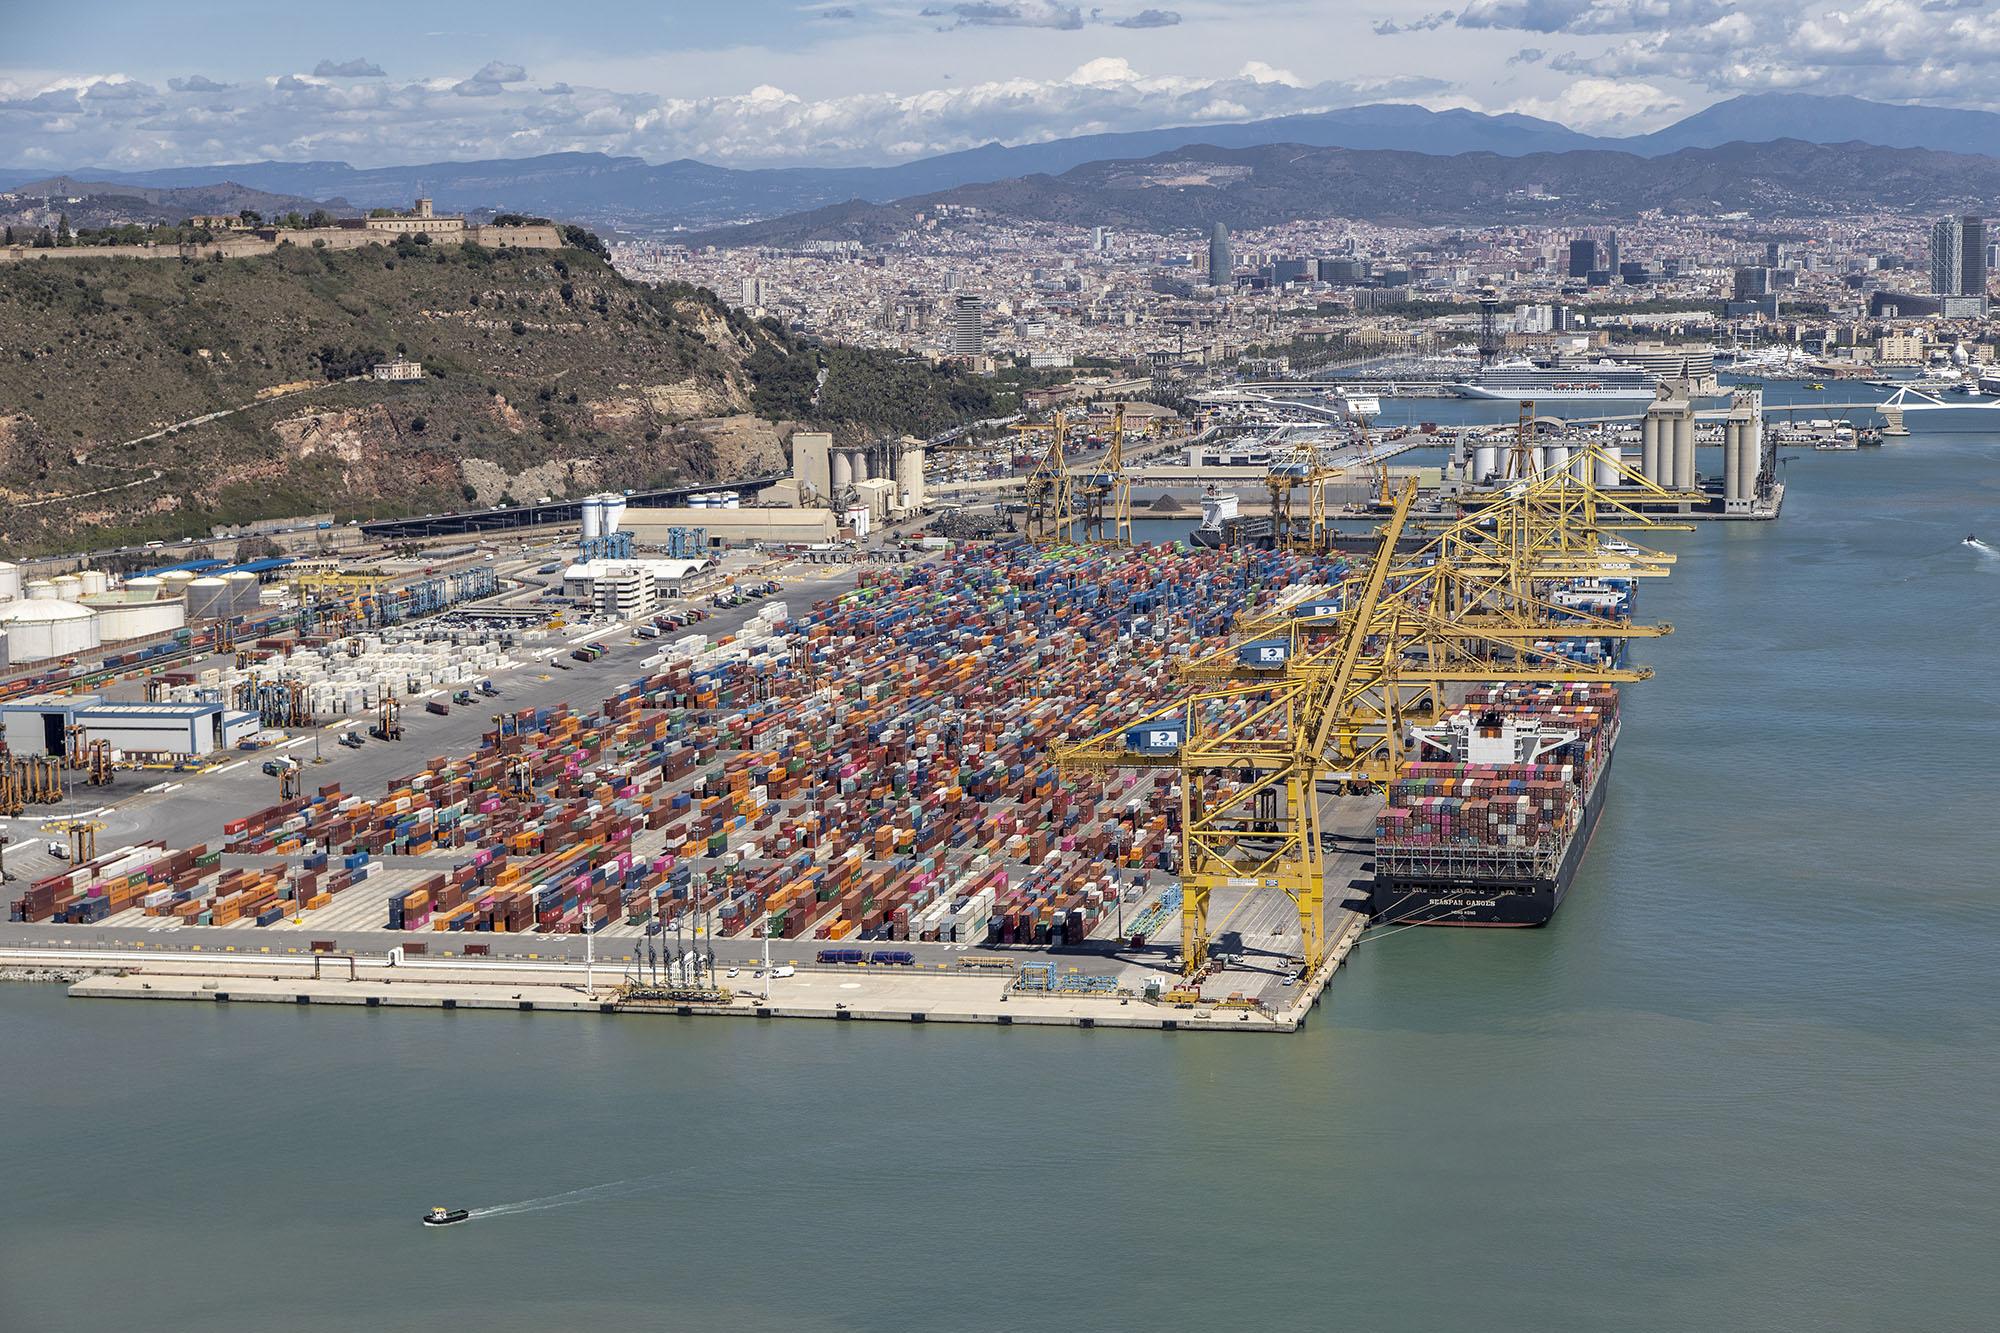 El Port de Barcelona: la inteligencia al servicio de la sostenibilidad y el crecimiento